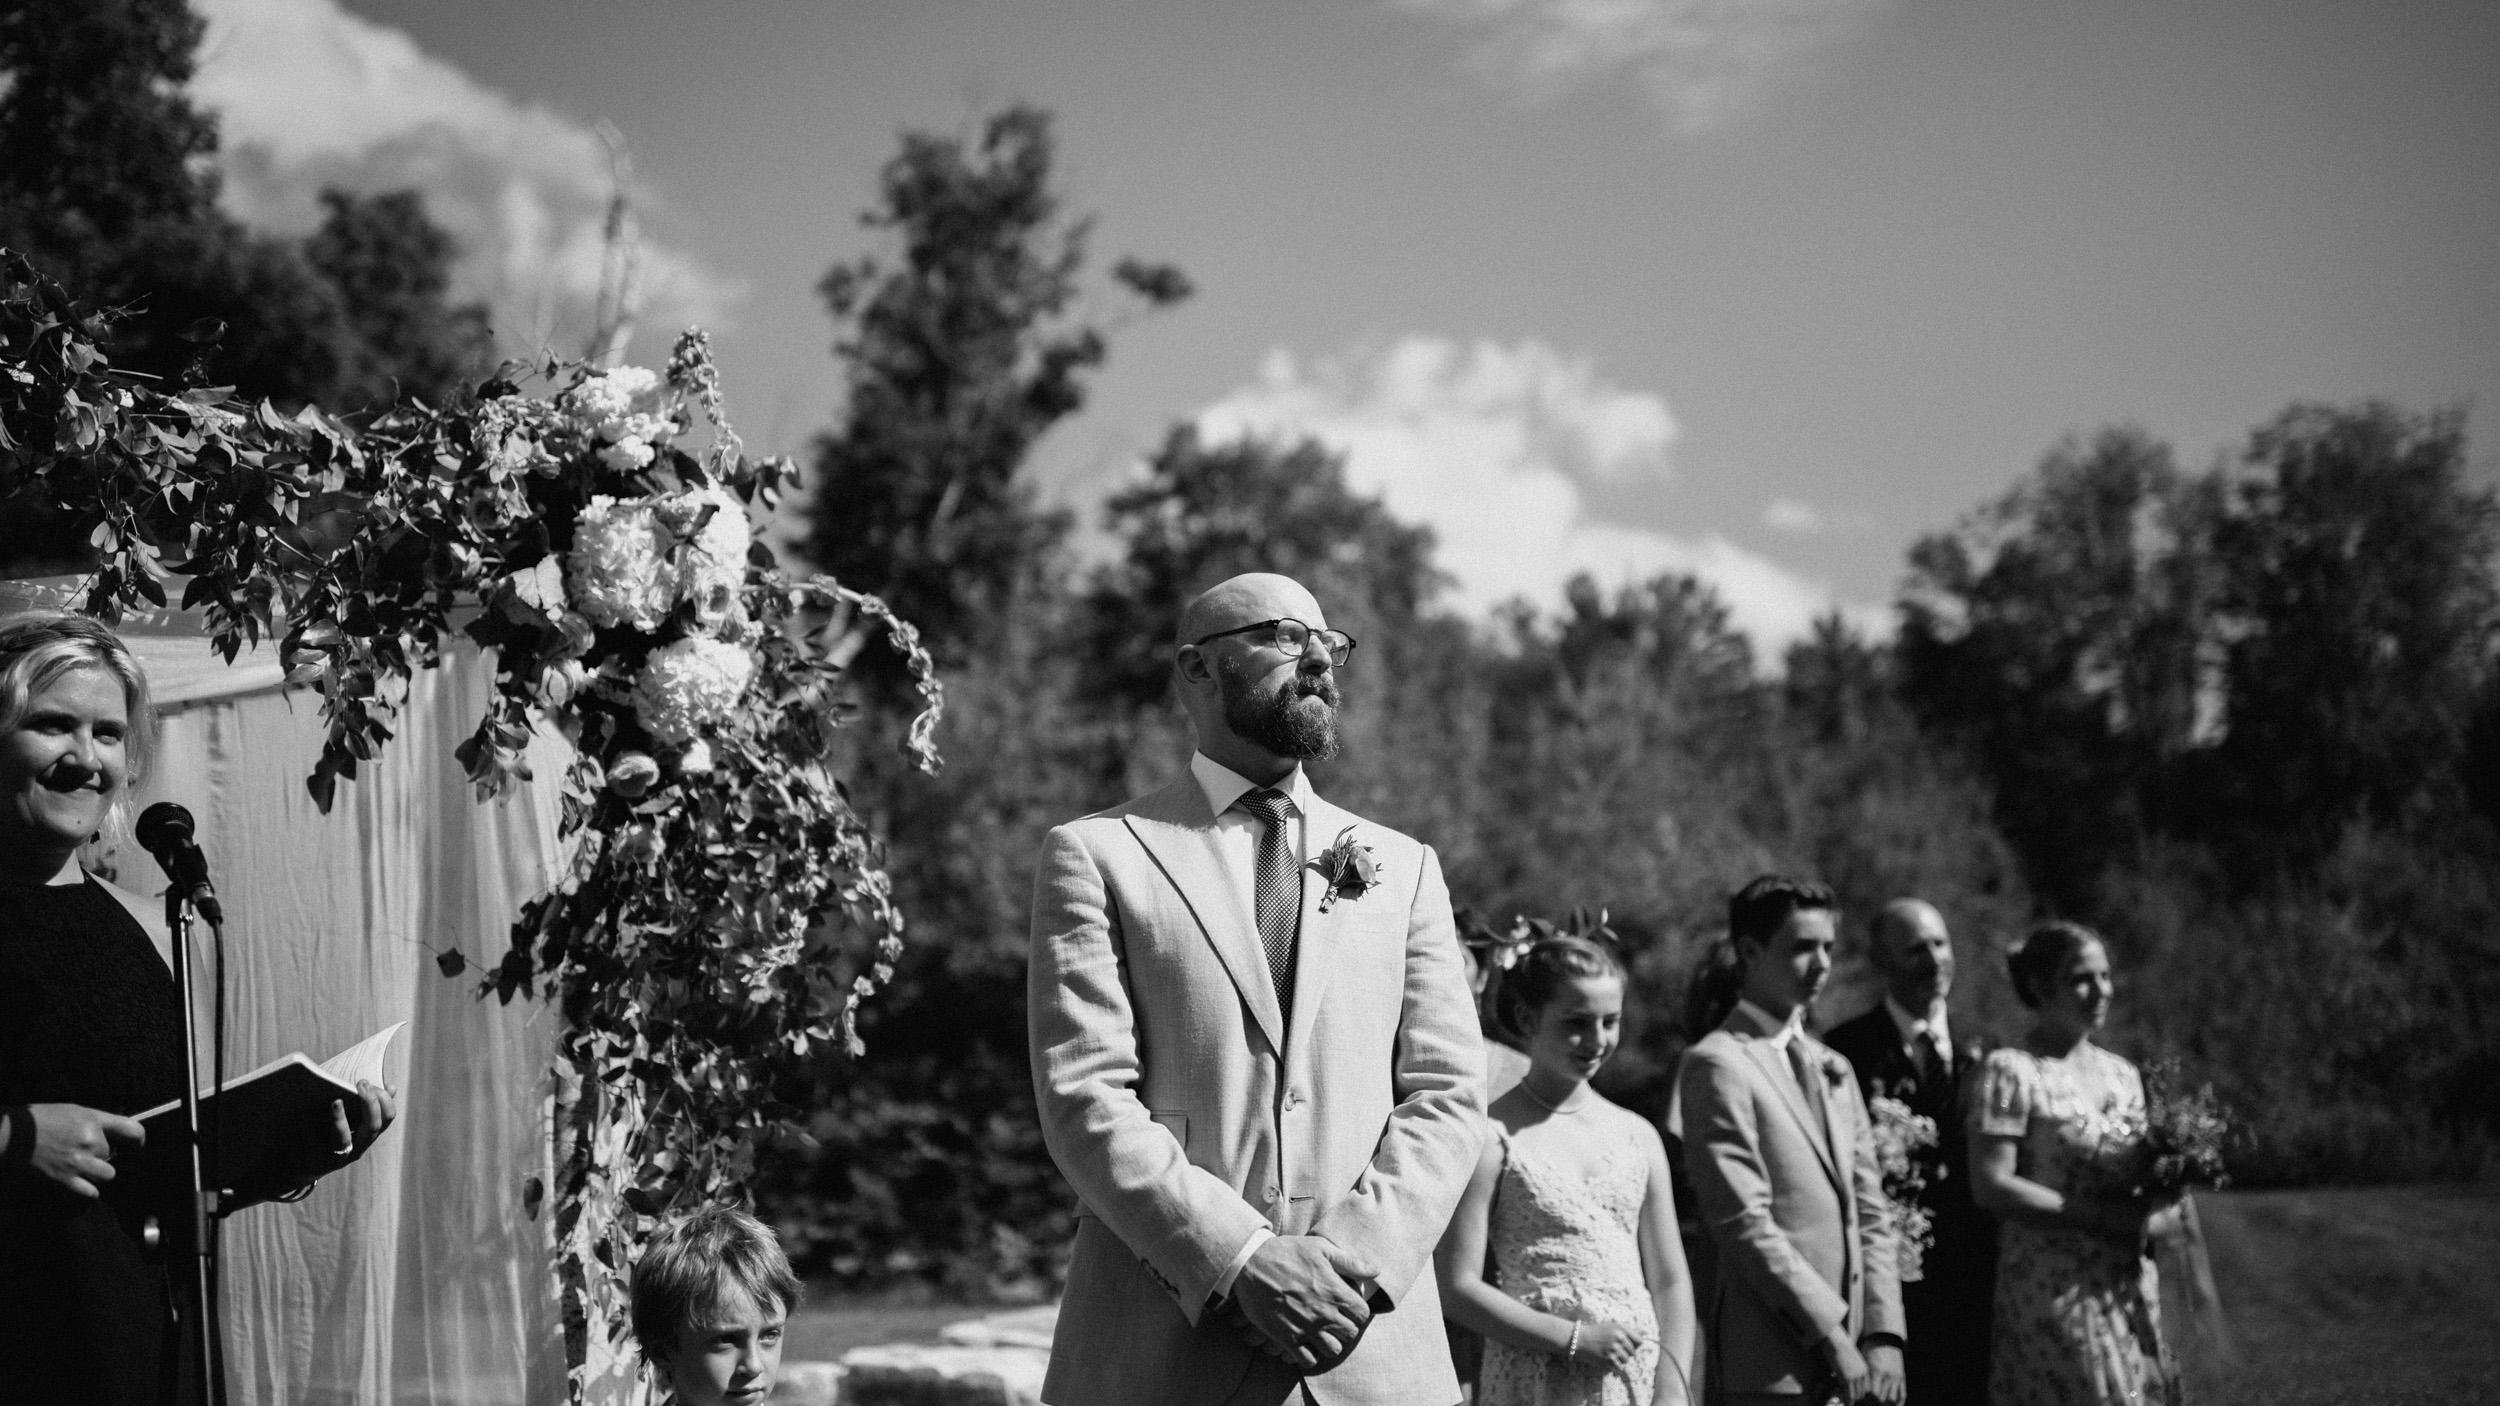 alec_vanderboom_vermont_wedding_photography-0081.jpg